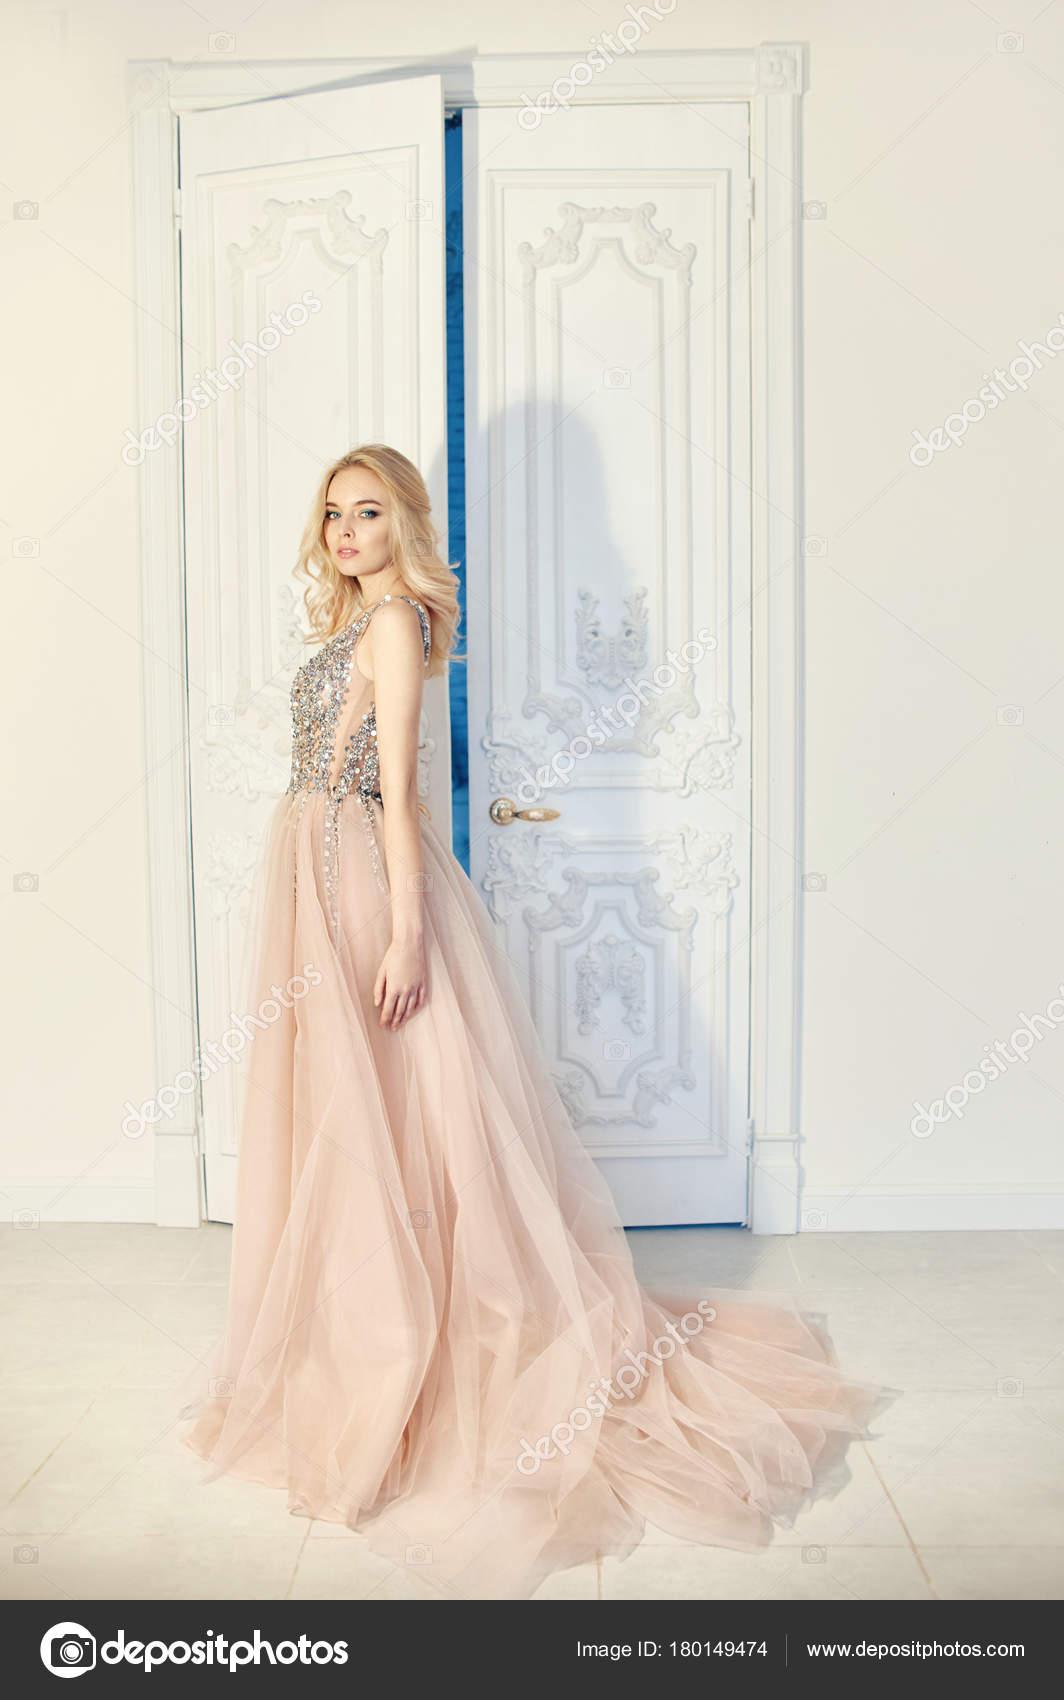 fec910fa7fb Мода Портрет женщины в красивые длинные вечерние платья